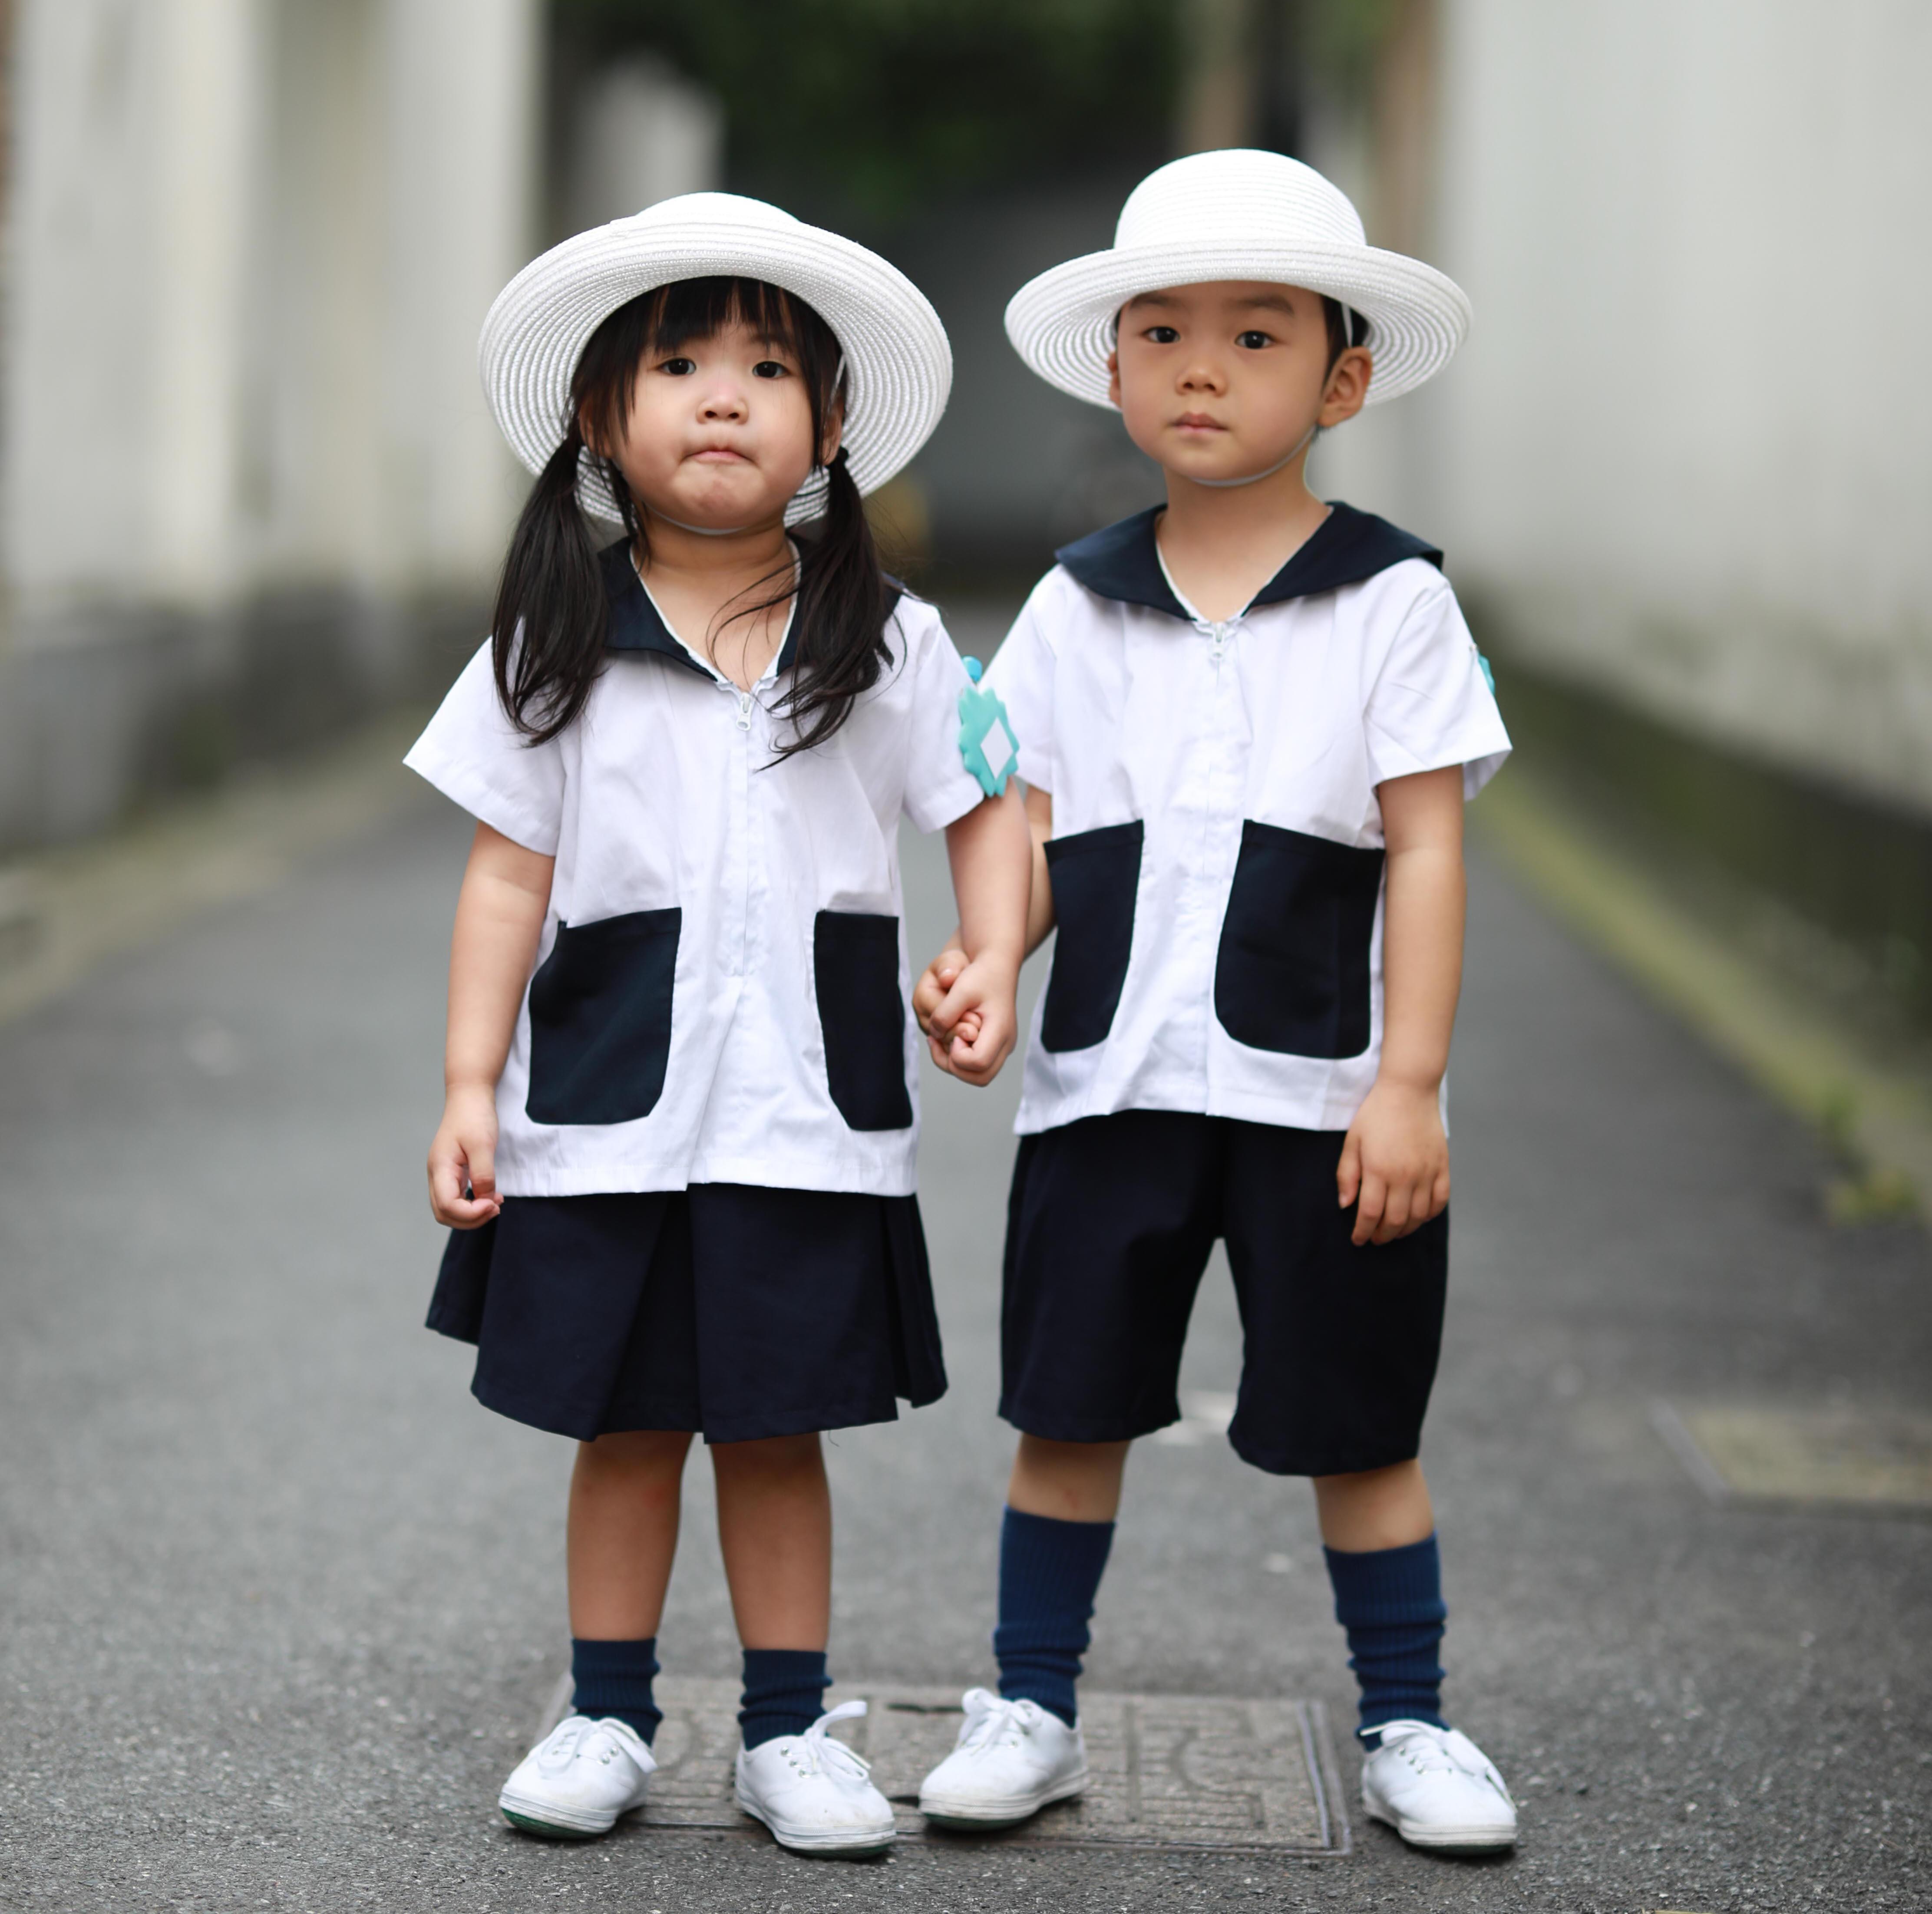 Детская / Подростковая одежда Артикул 569704454280